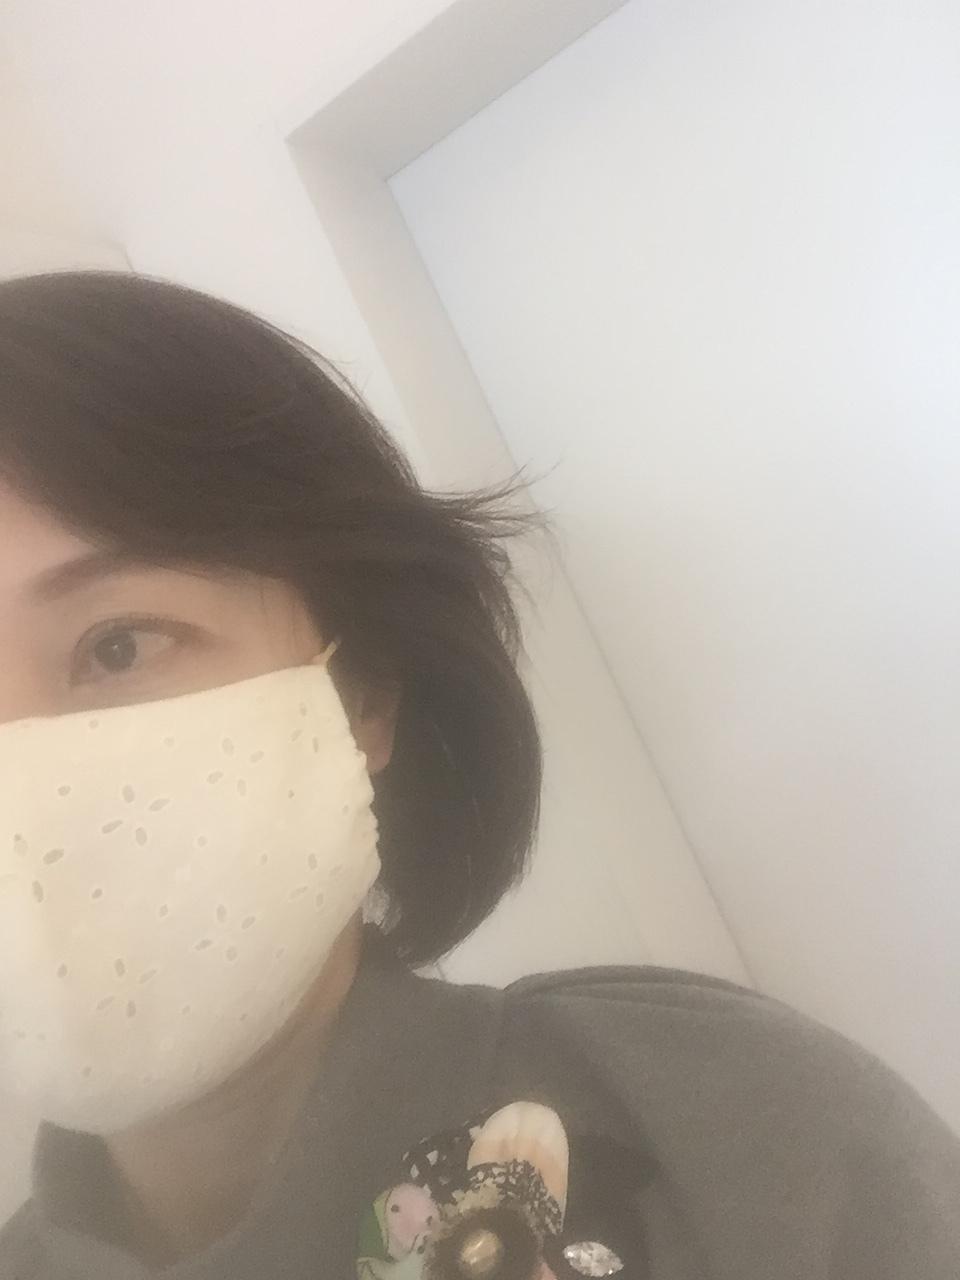 京都 セレクトショップ Rosa Donna(ローザドンナ)_c0209314_16161481.jpeg